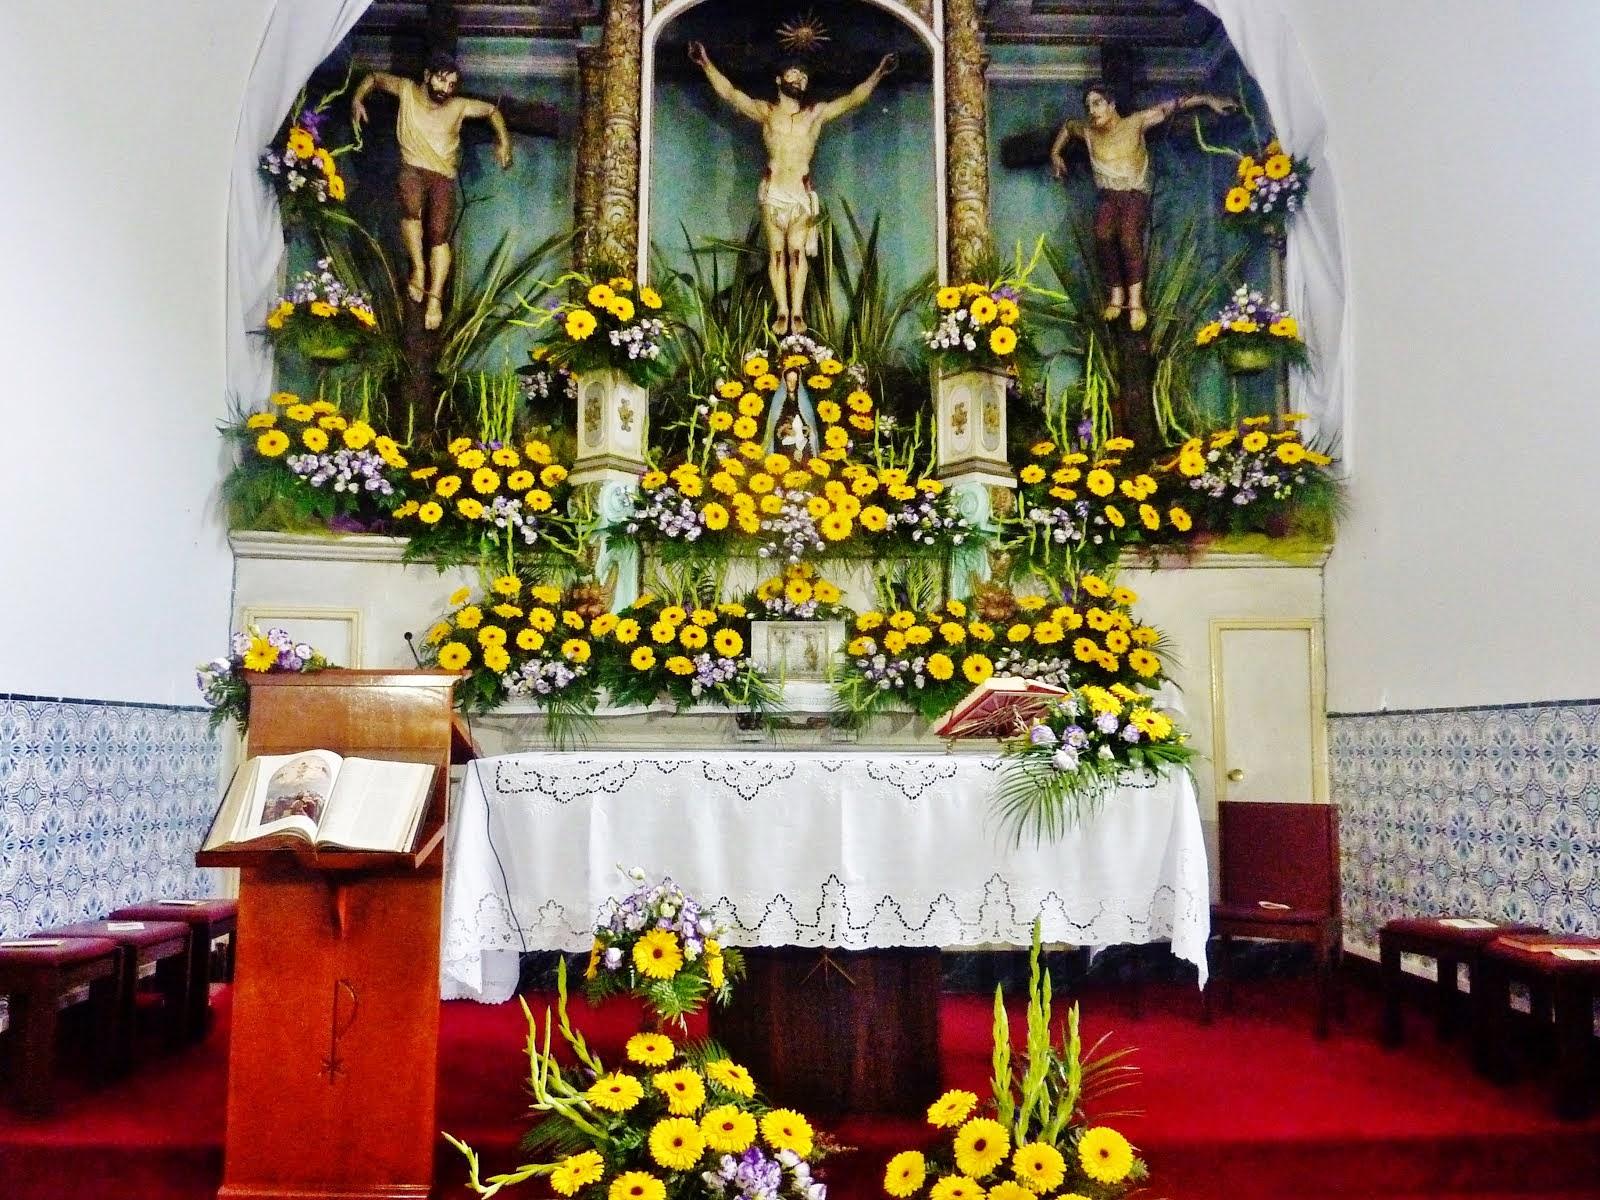 EUCARISTIA DAS FESTAS DO BOM JESUS DO MONTE E S. CAETANO - Clique para ver todas as imagens